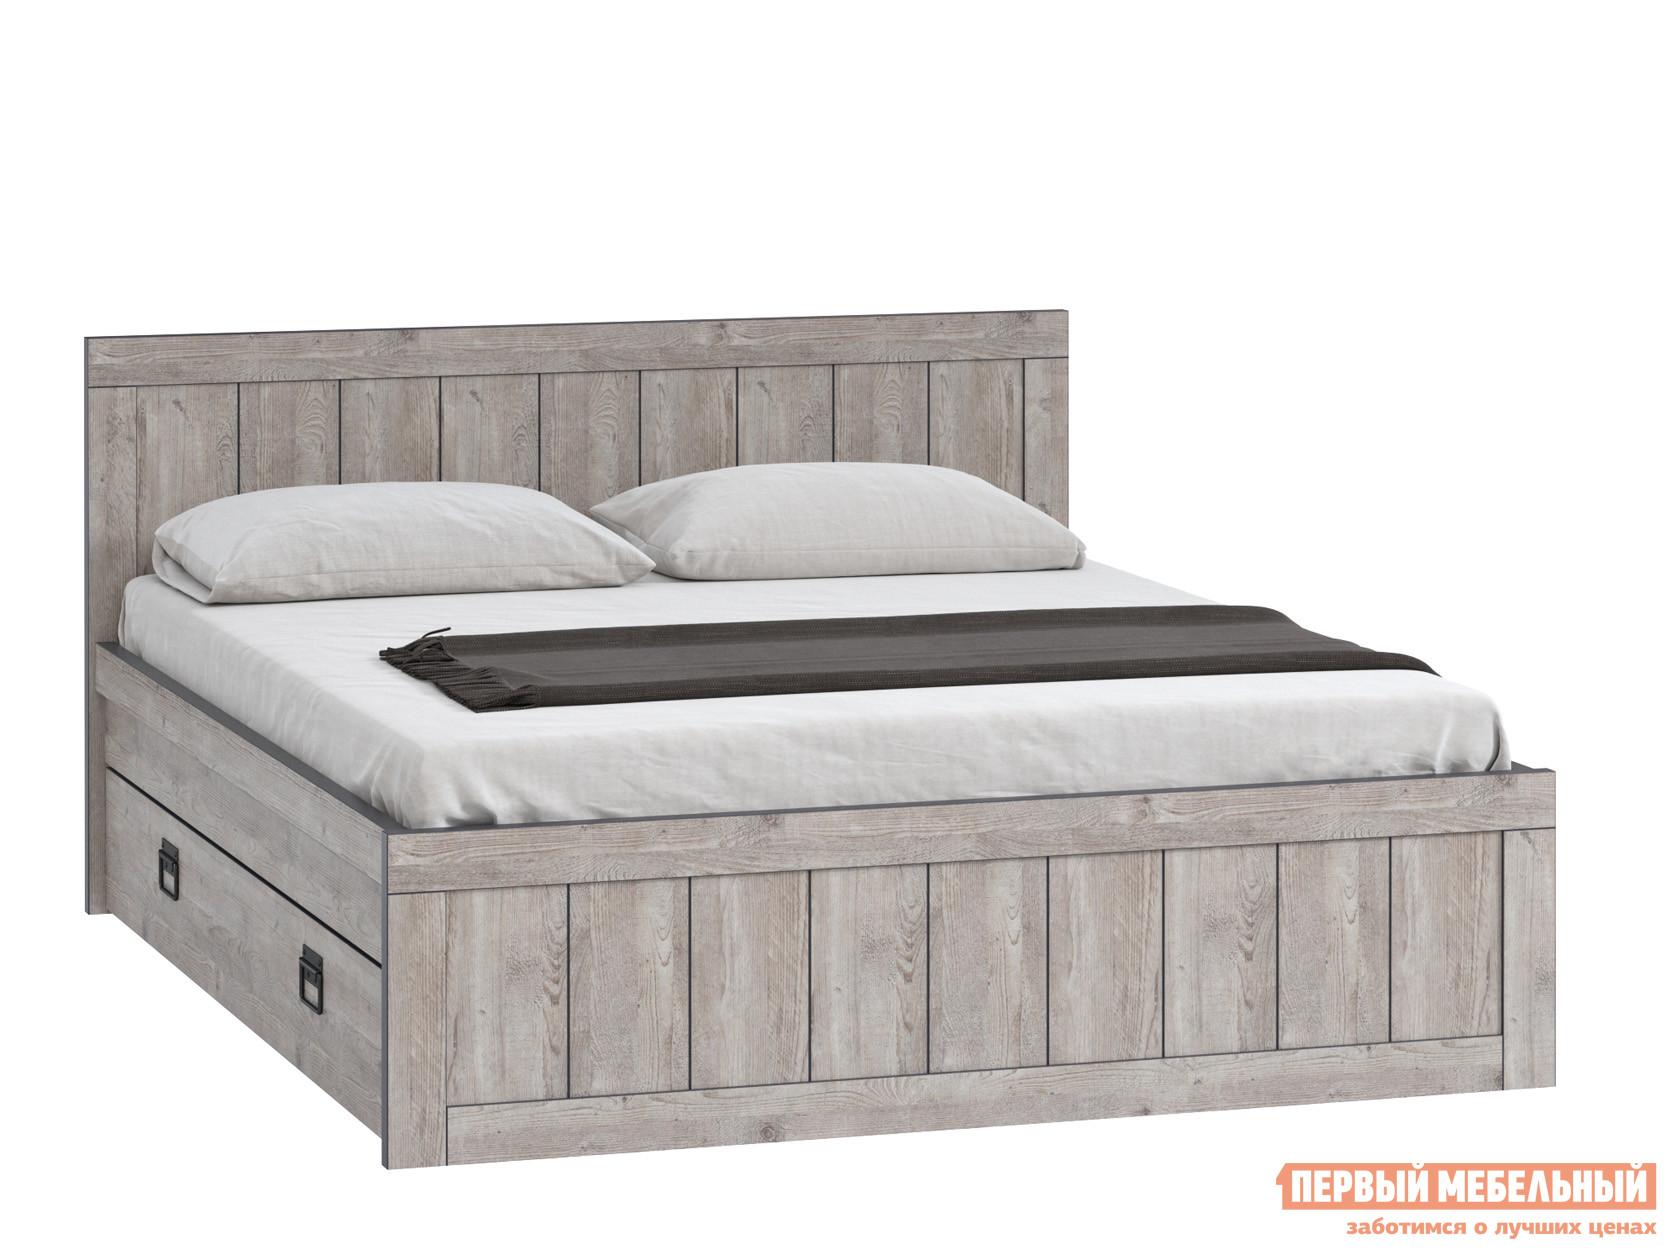 Кровать WOODCRAFT Эссен Кровать №3 с ящиками шкаф распашной woodcraft эссен шкаф 1 дверь